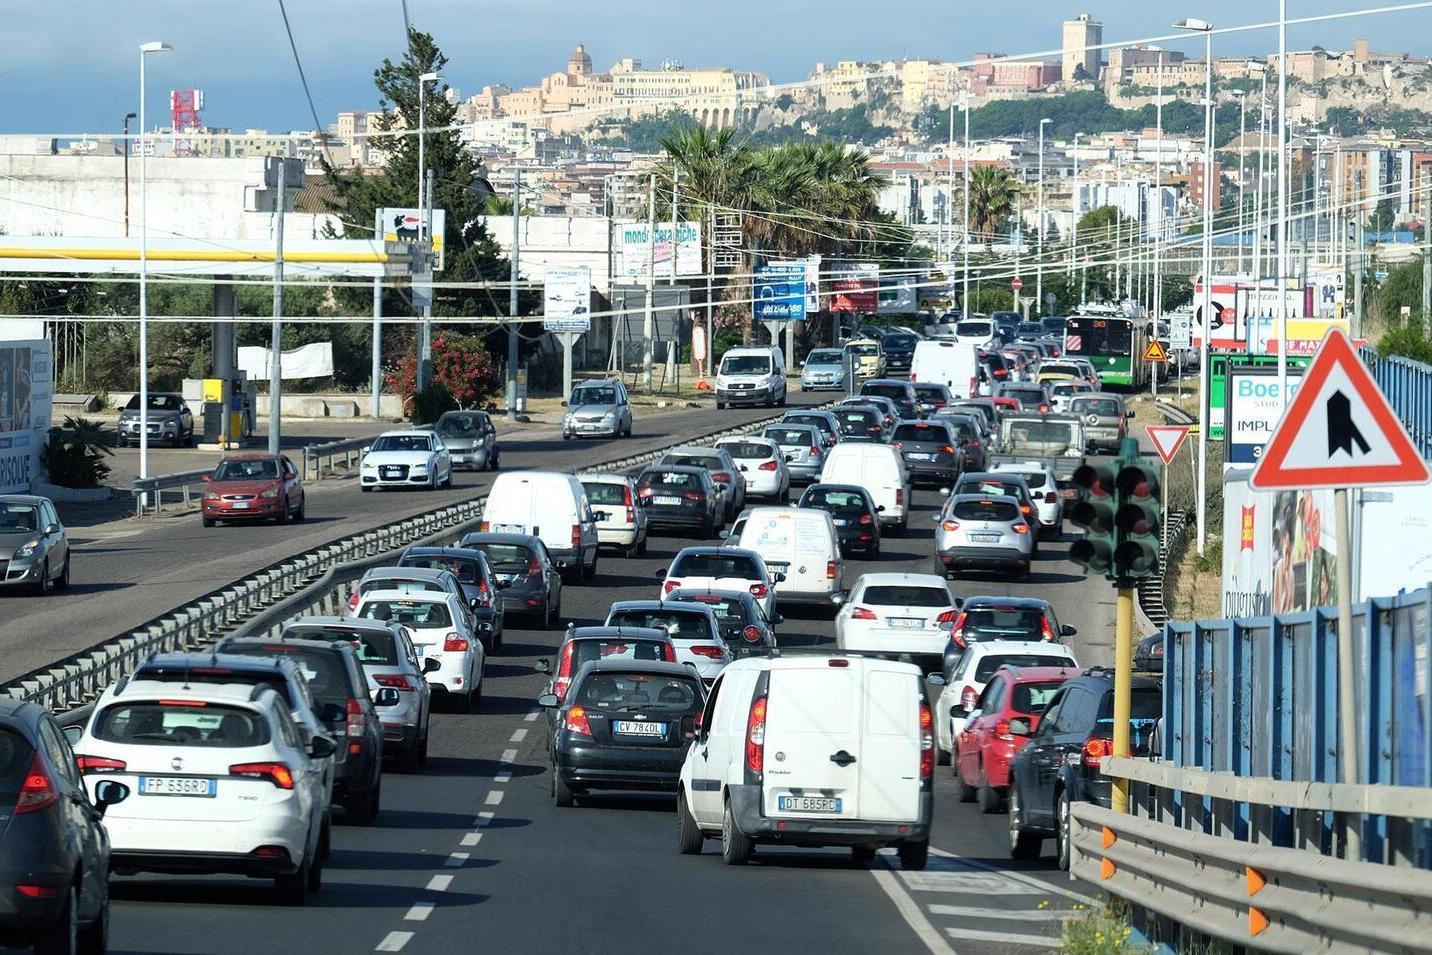 Tre giorni di caos per i pendolari